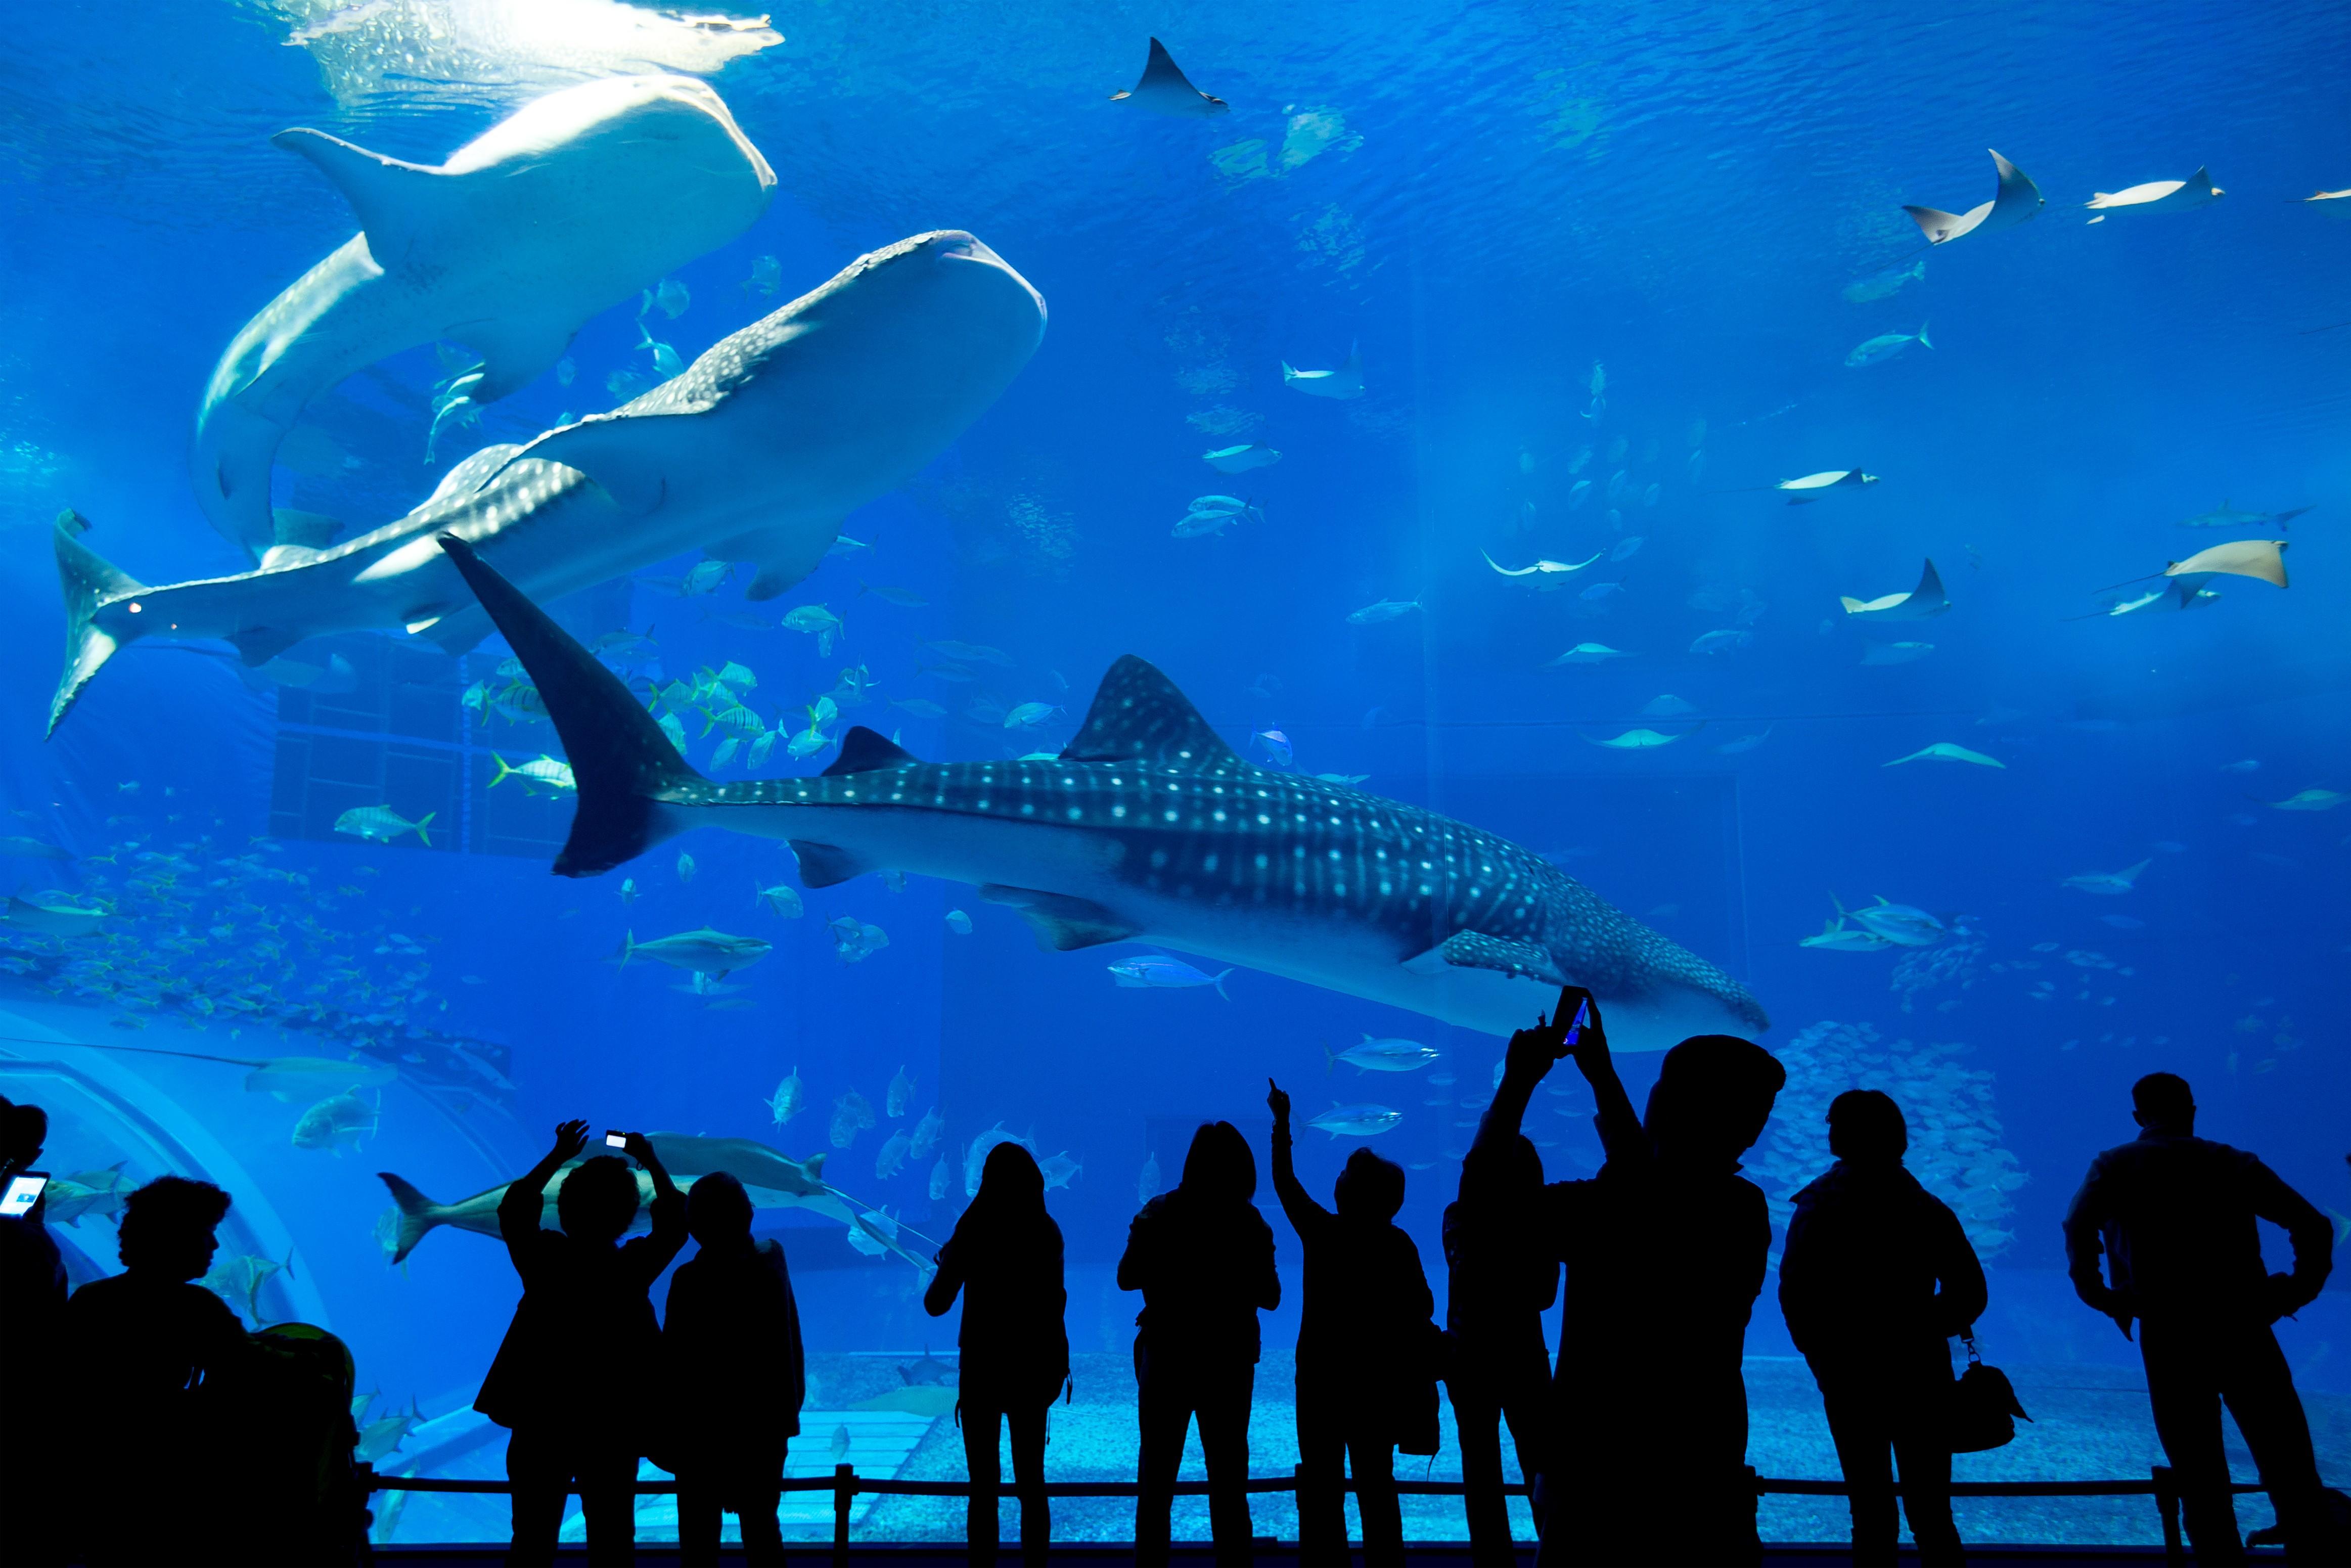 Underwater World Langkawi - Langkawi - Arrivalguides.com